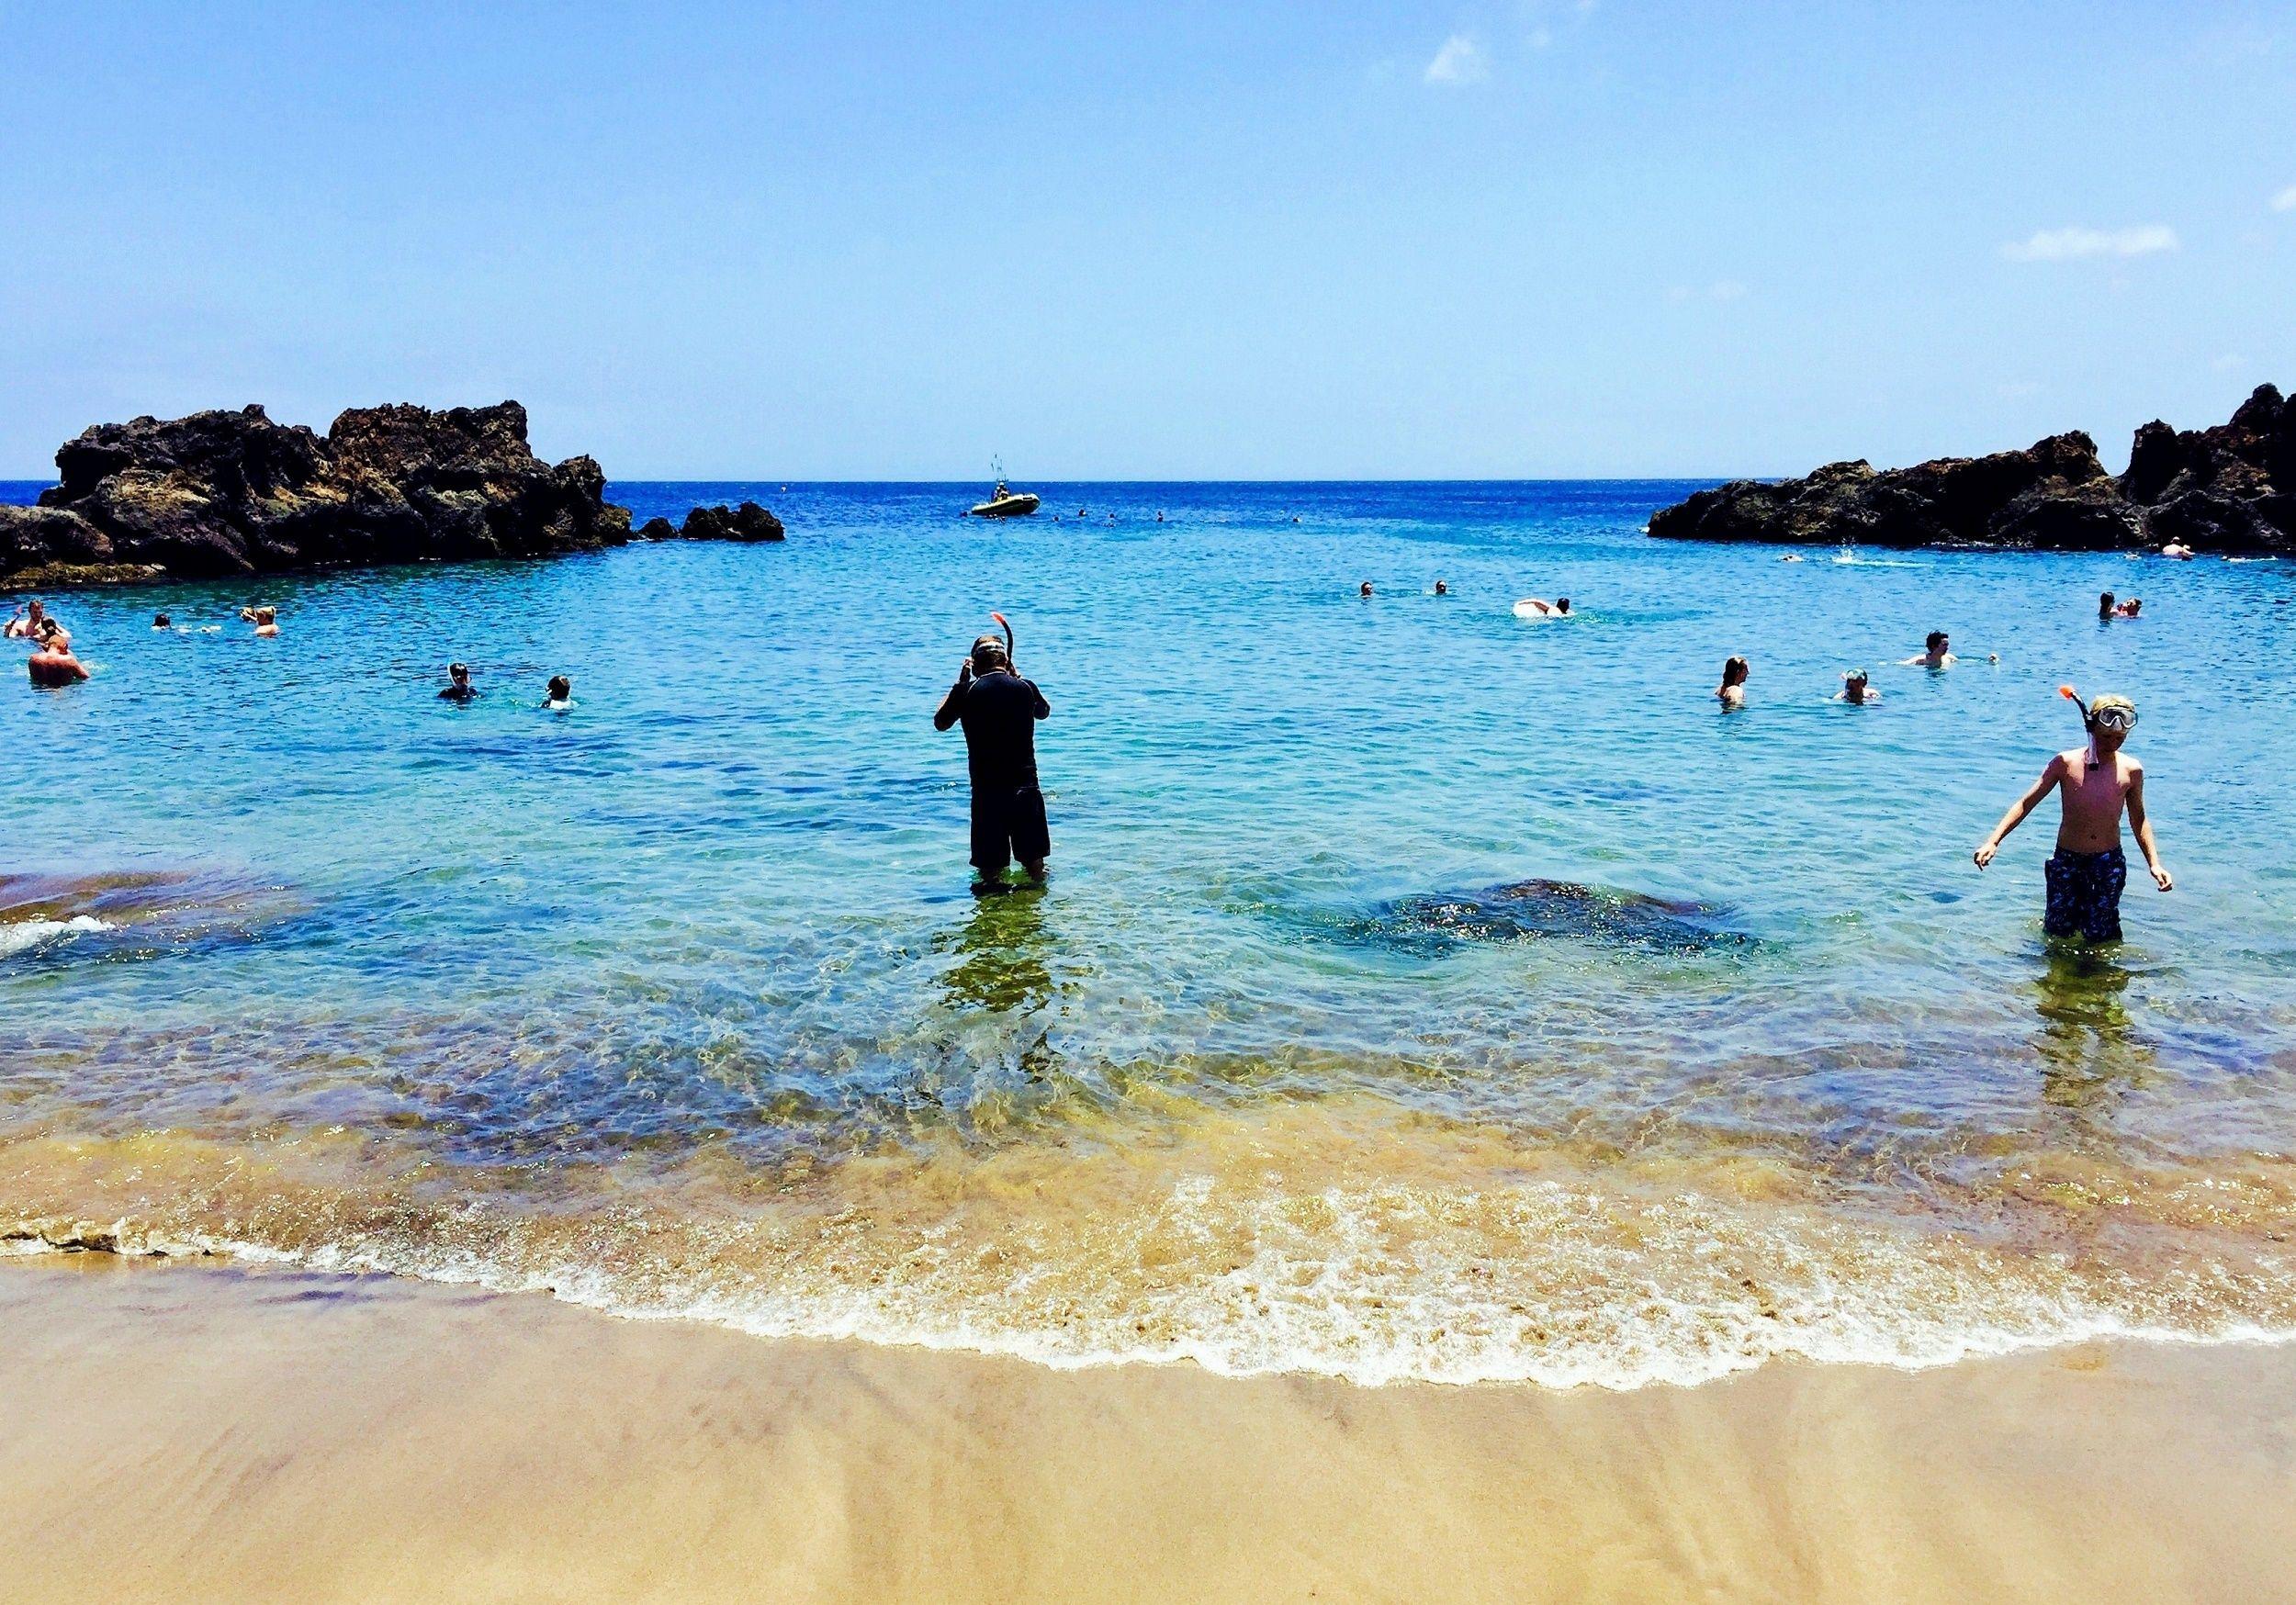 Lanzarote 3 30 Años Atrás En Tu Primer Día De Verano Lanzarote Islas Canarias Islas